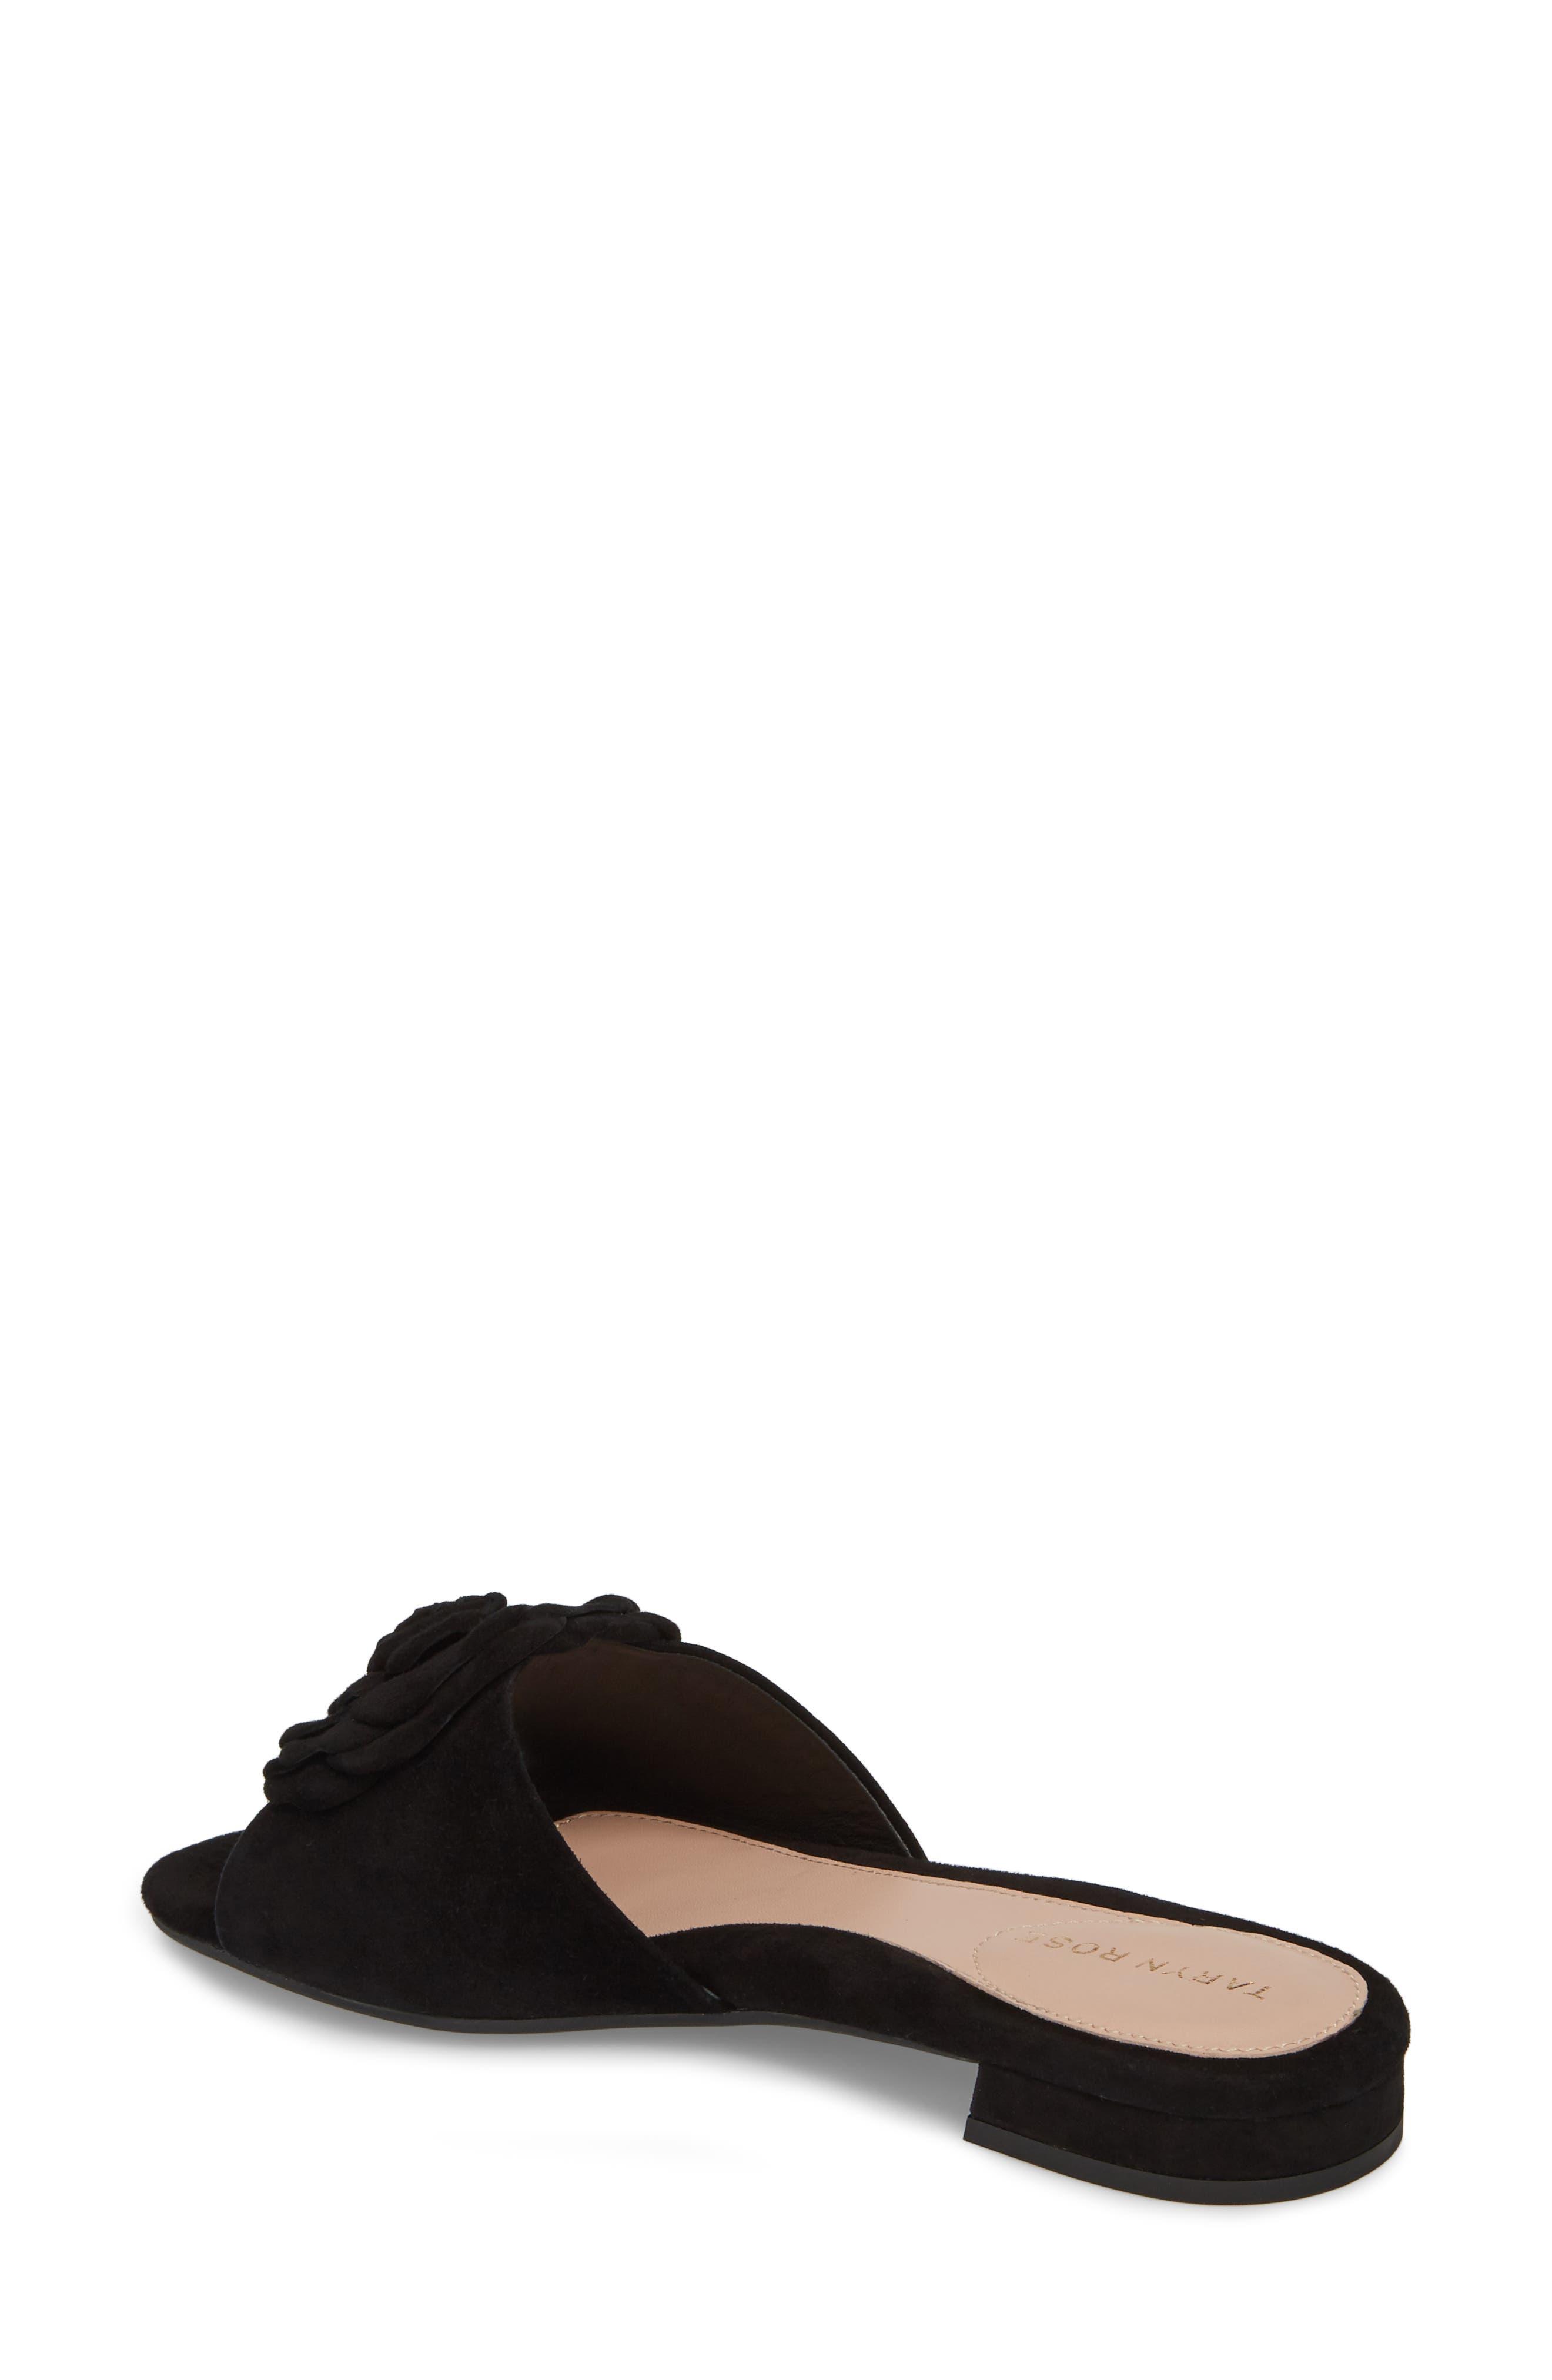 Violet Flower Slide Sandal,                             Alternate thumbnail 2, color,                             BLACK SUEDE